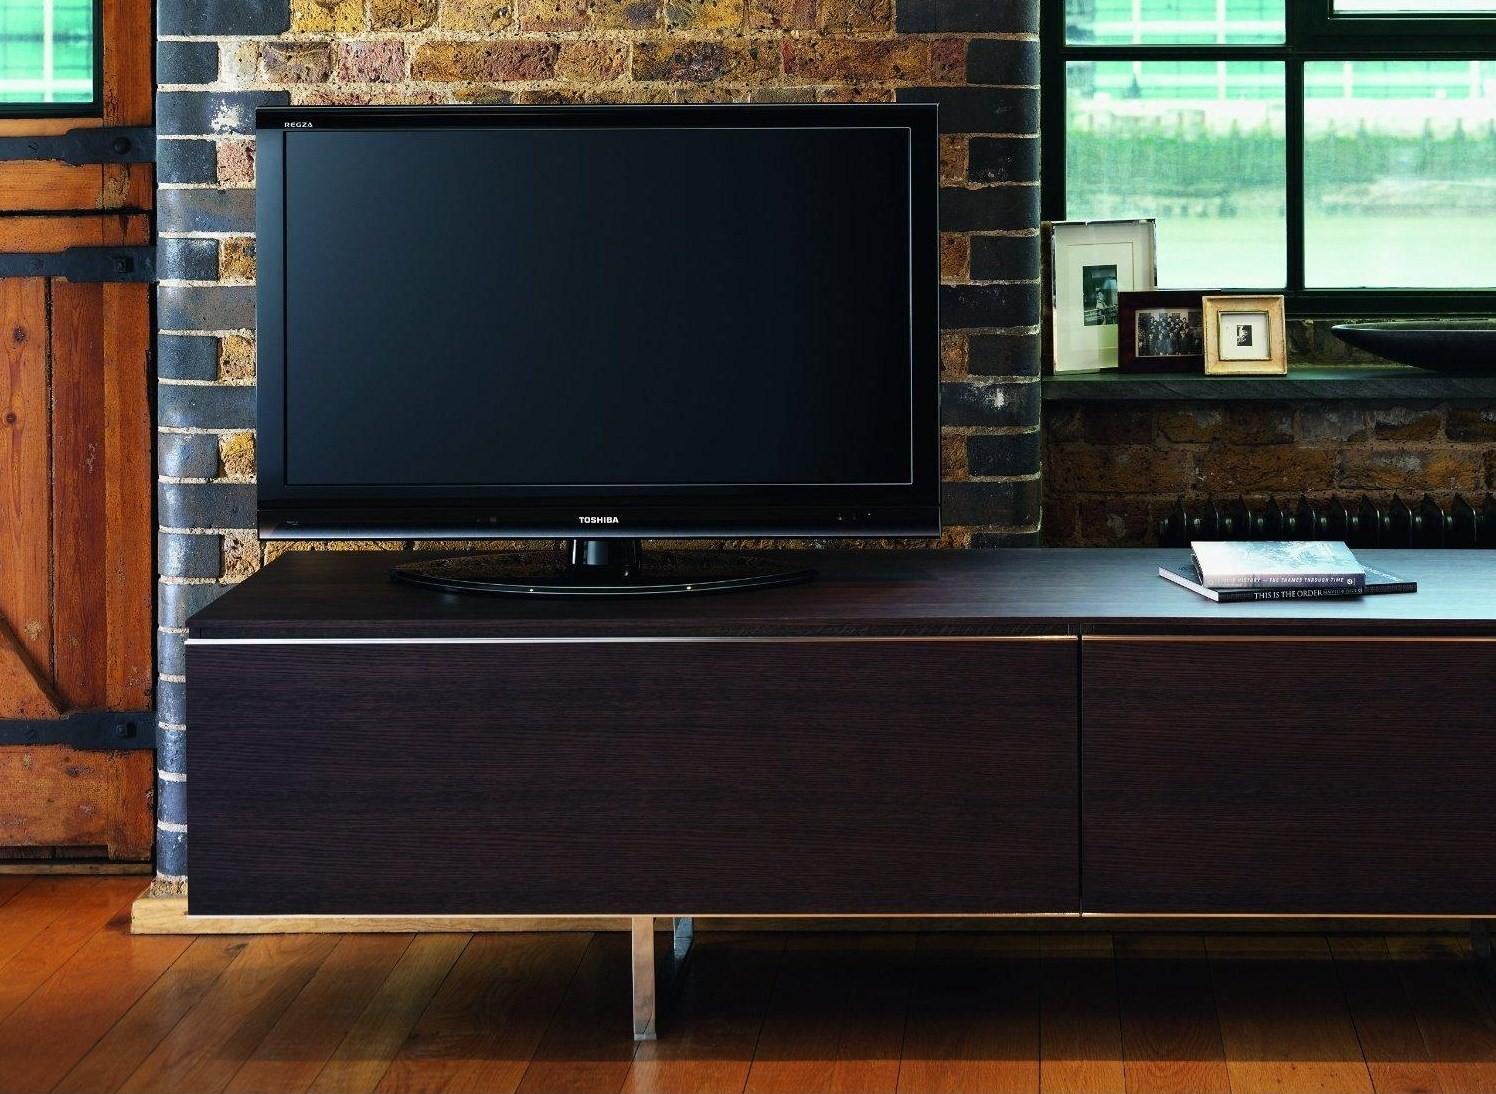 Toshiba-40RV753B-RV-Series-HD-LCD-TV2